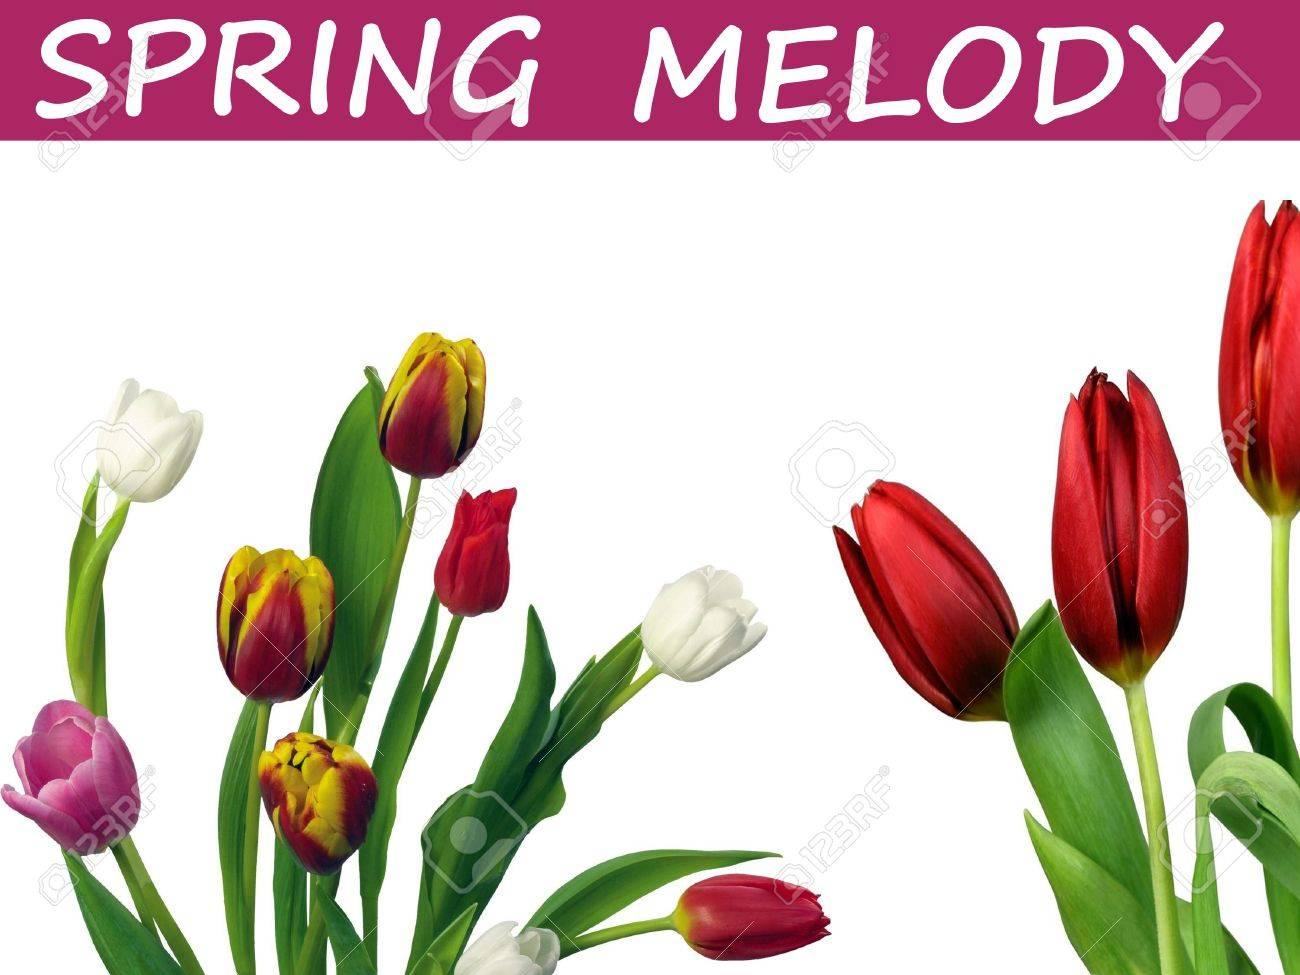 Скачать весенняя мелодия тюльпанов